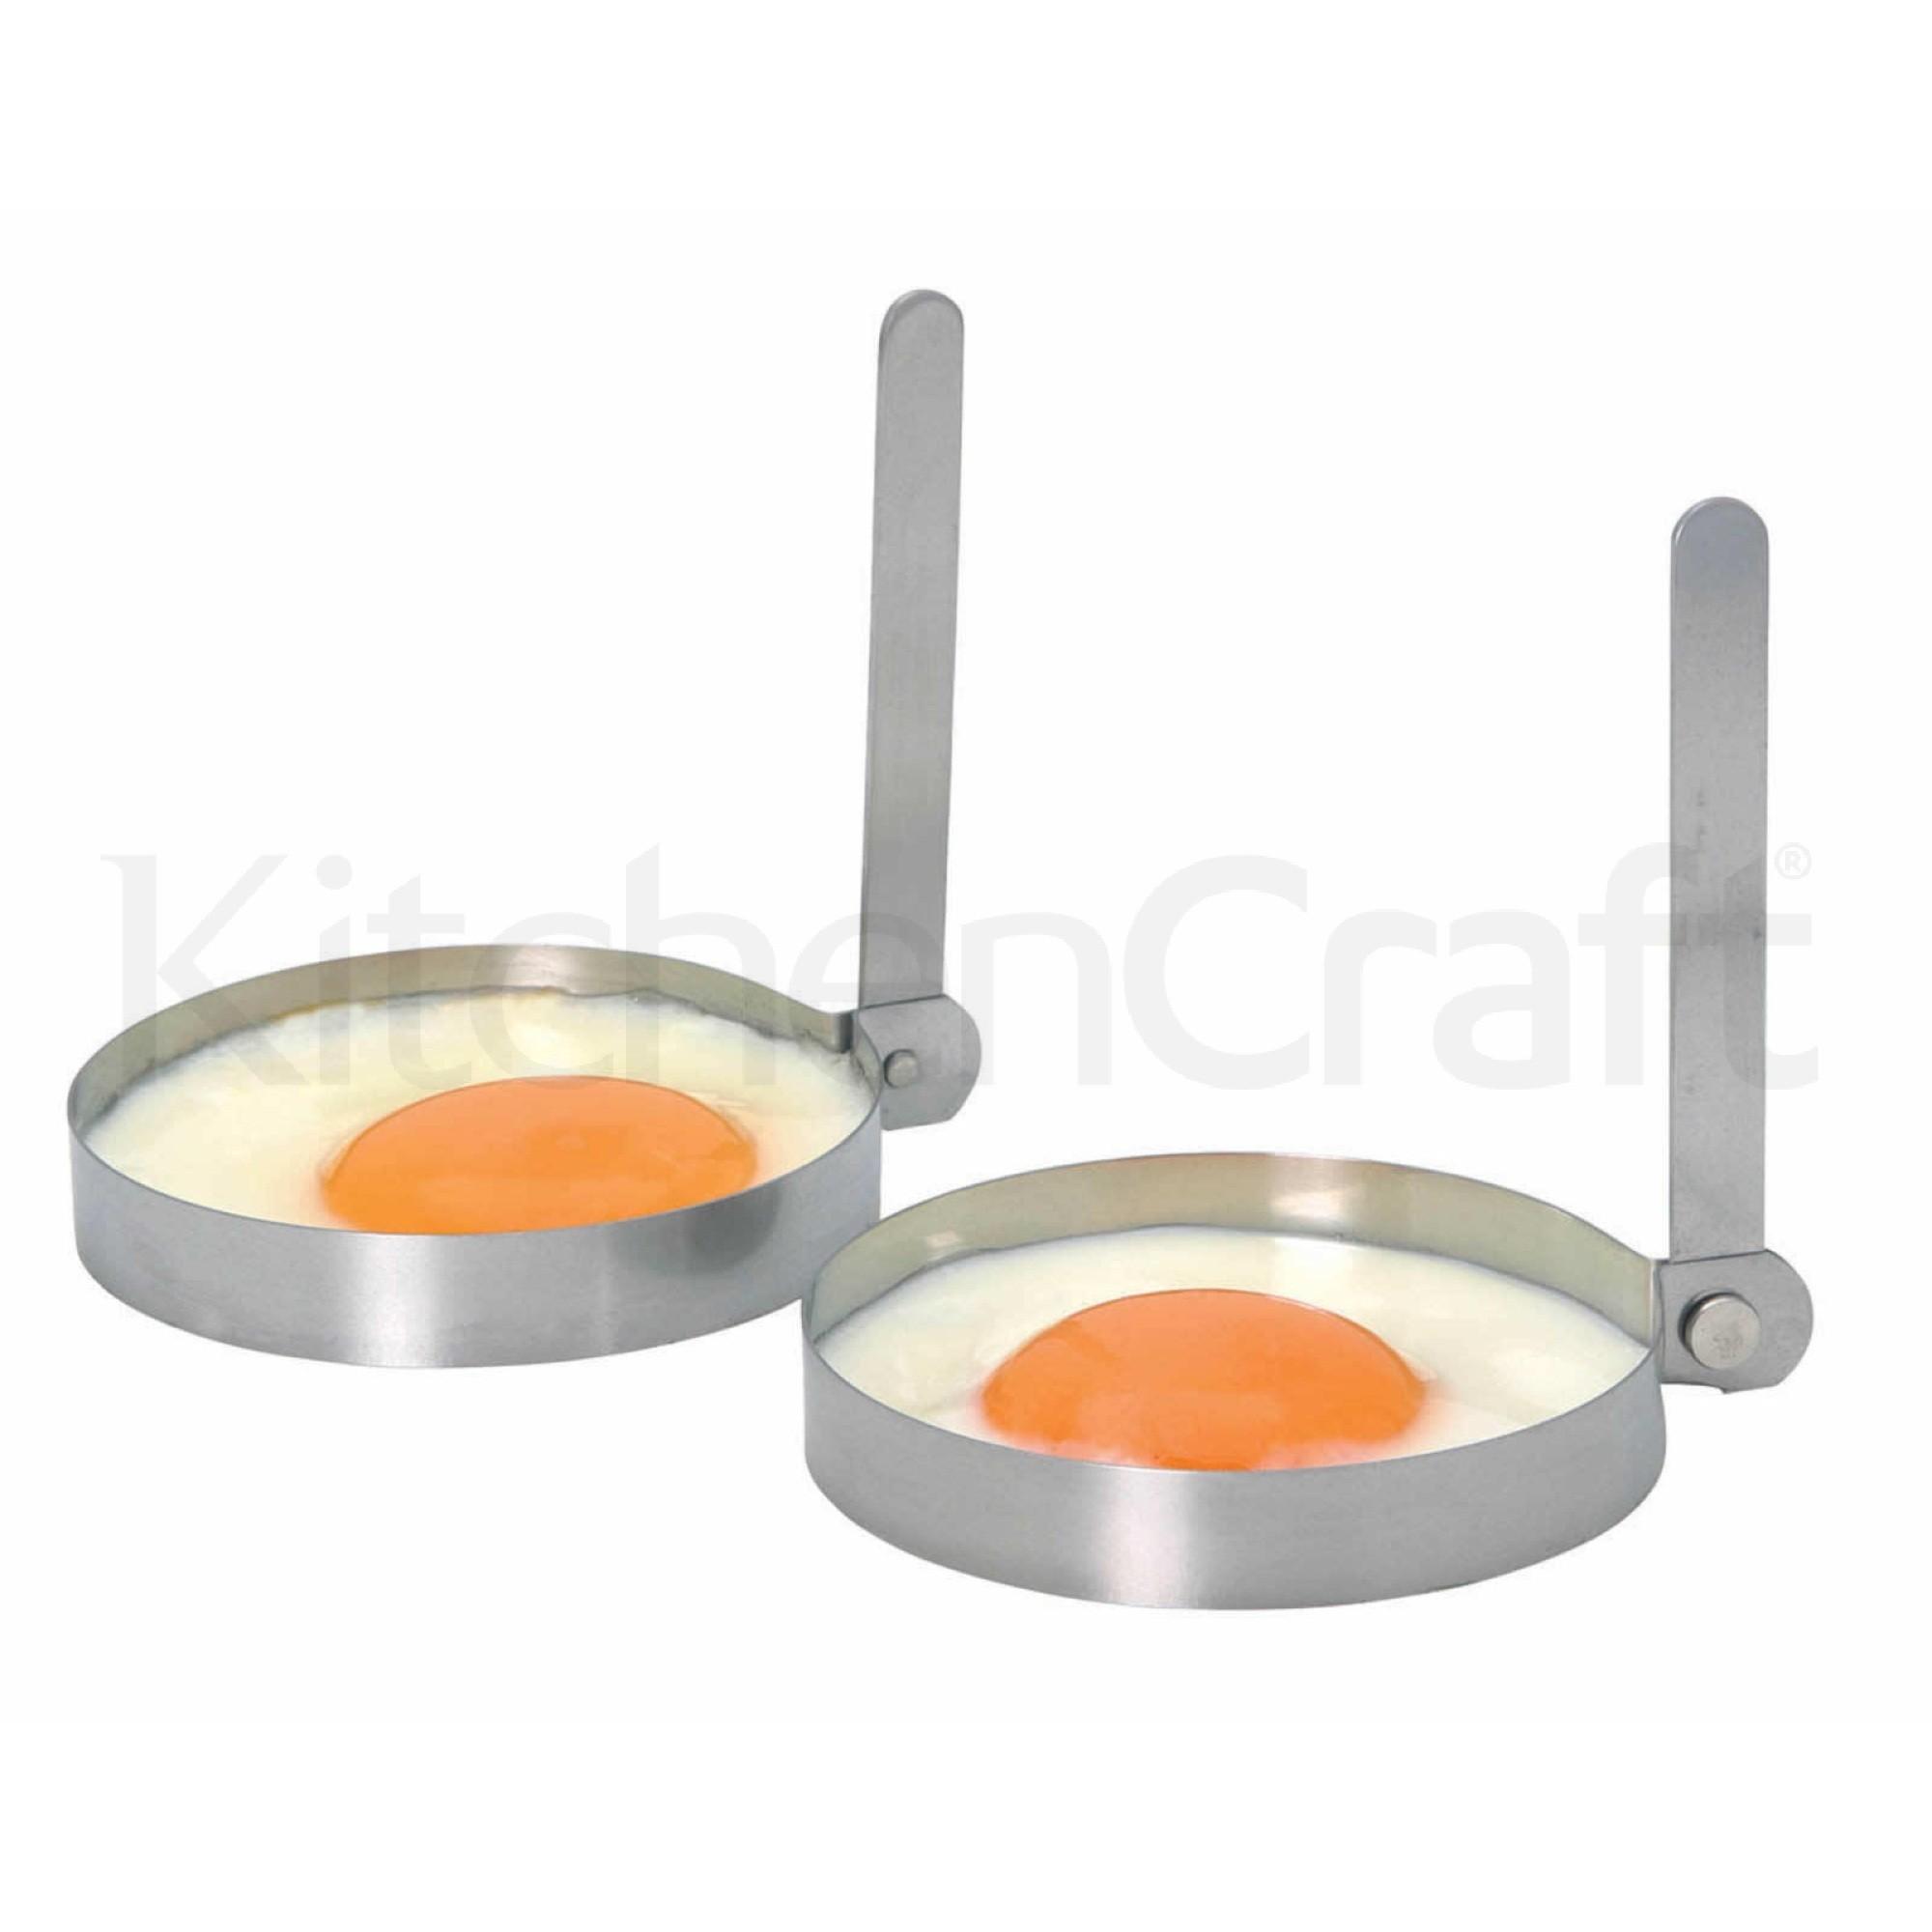 Τσέρκι Για Αυγά Τηγανιτά Σετ 2τμχ Kitchencraft home   εργαλεια κουζινας   έξυπνα εργαλεία